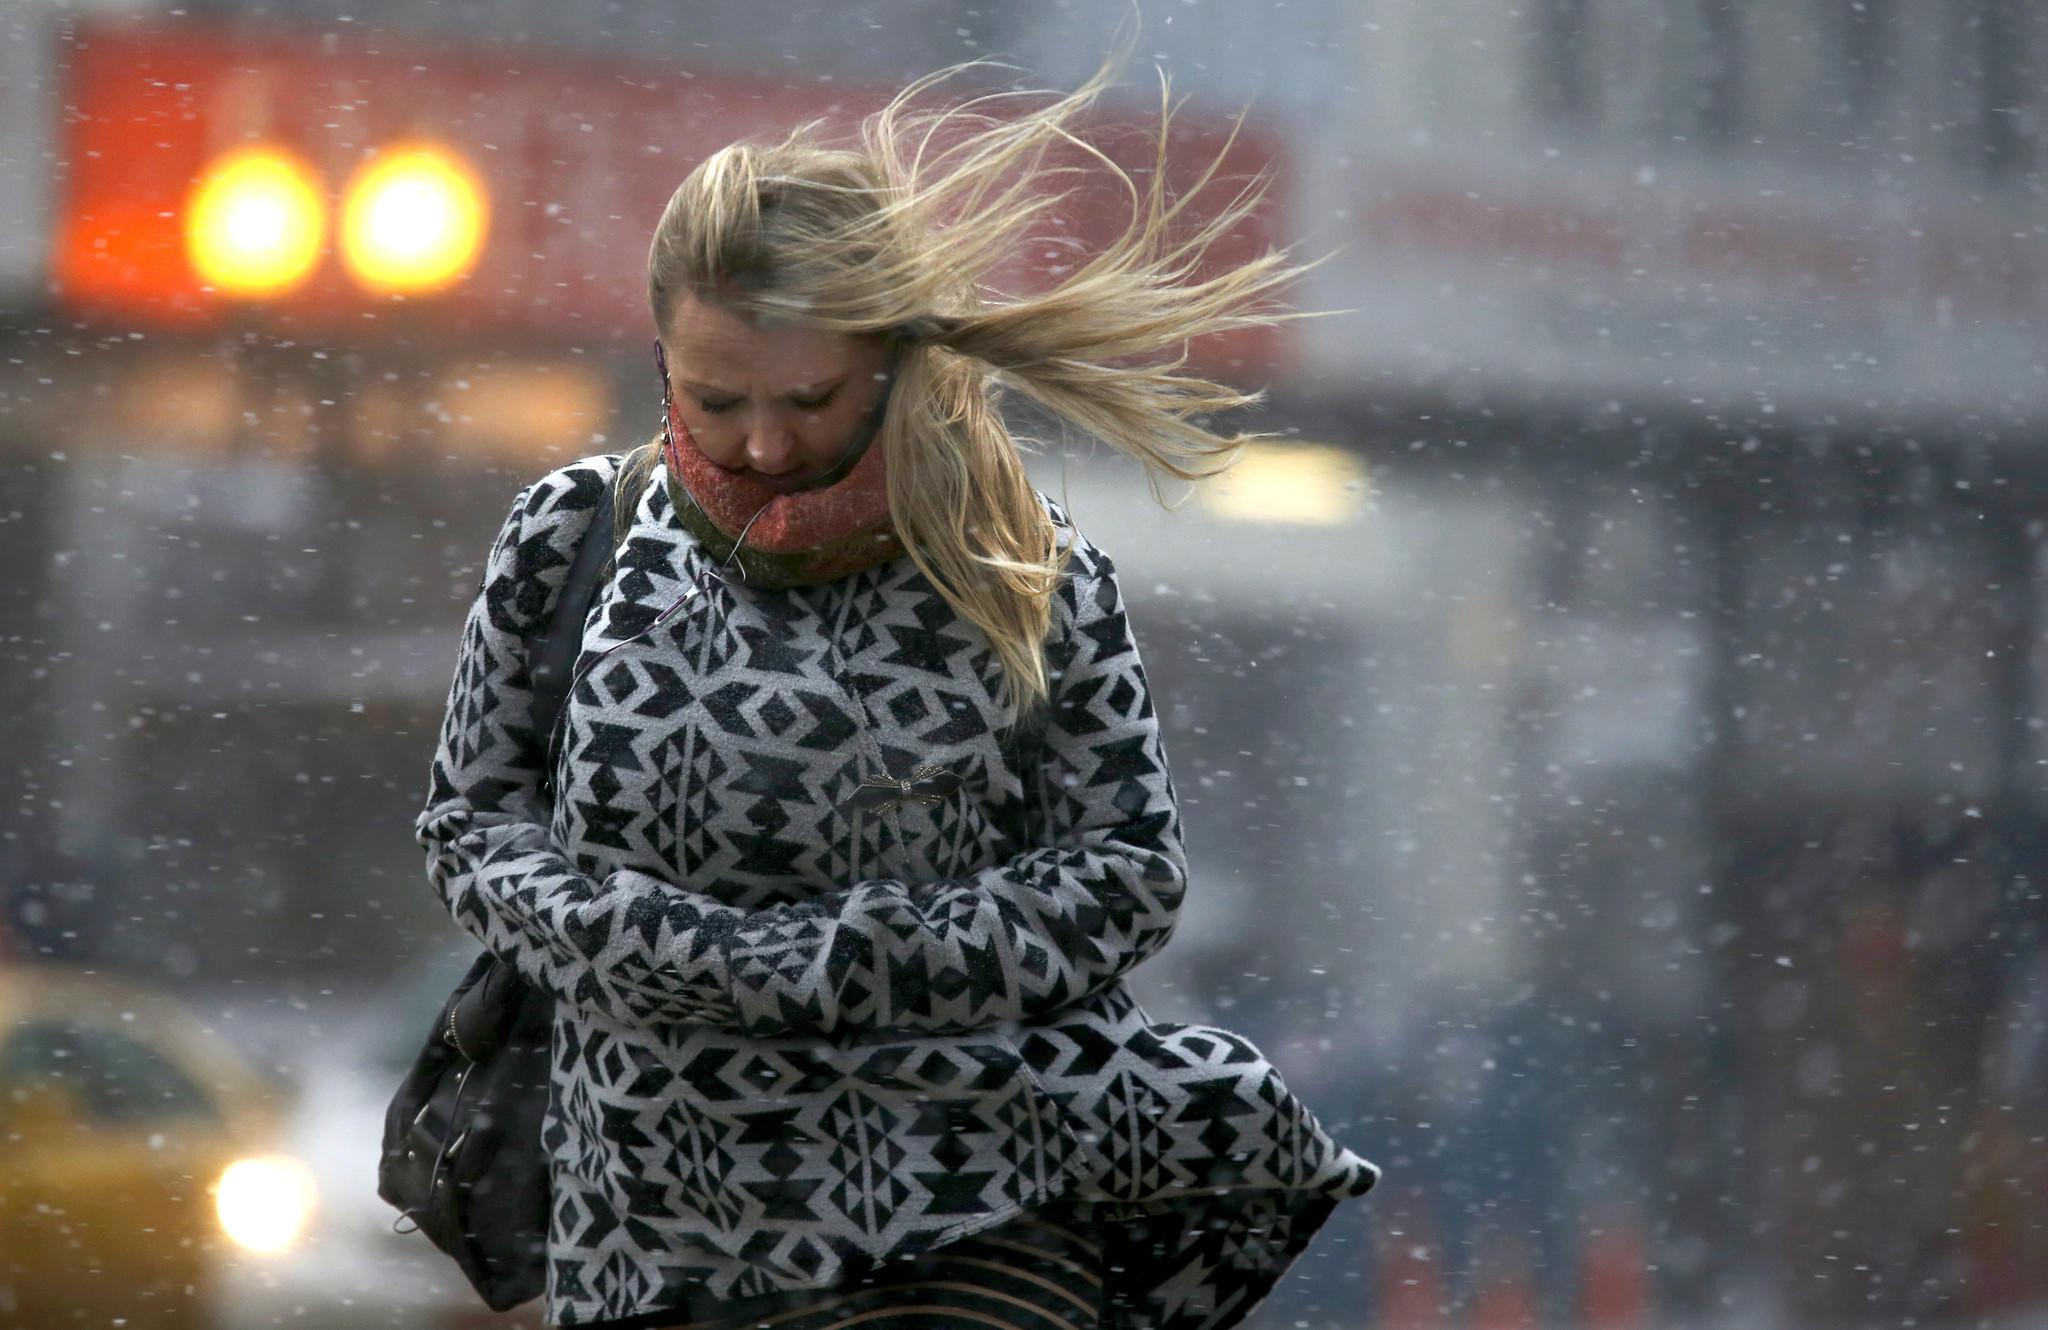 Chicago nie jest najbardziej wietrznym miastem w USA